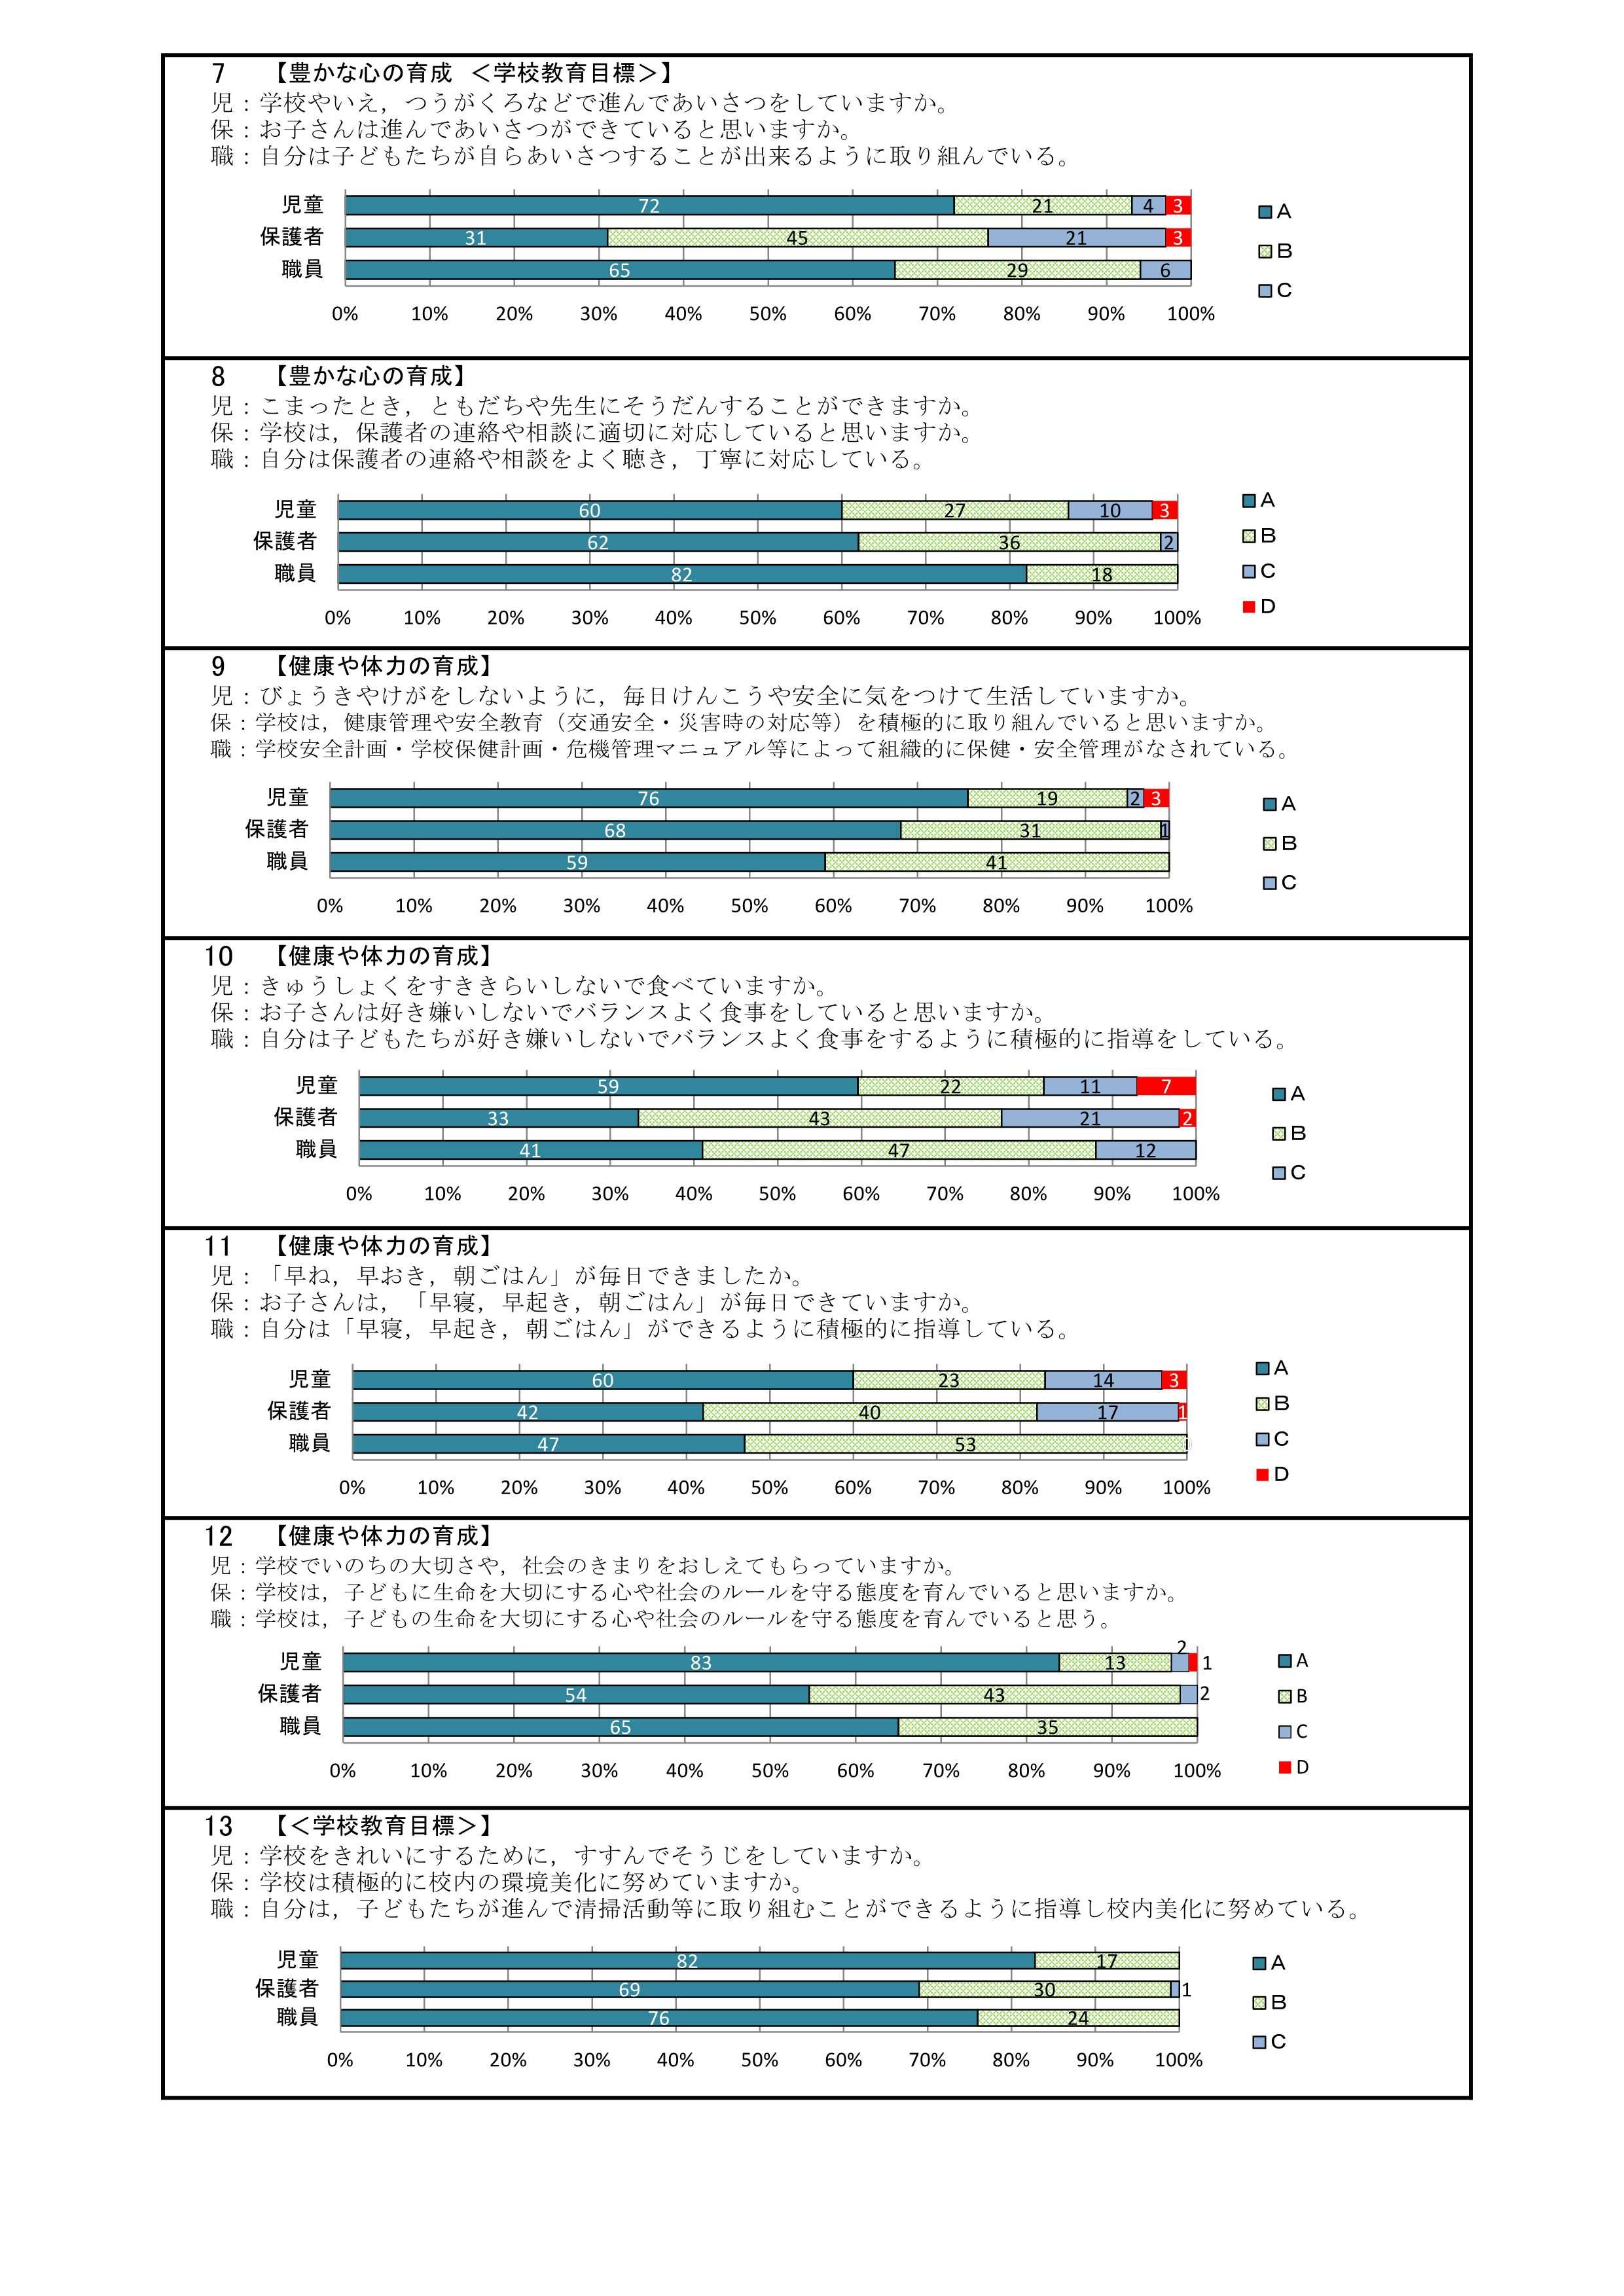 H31潮来小学校評価 全集計・グラフ_前期_2